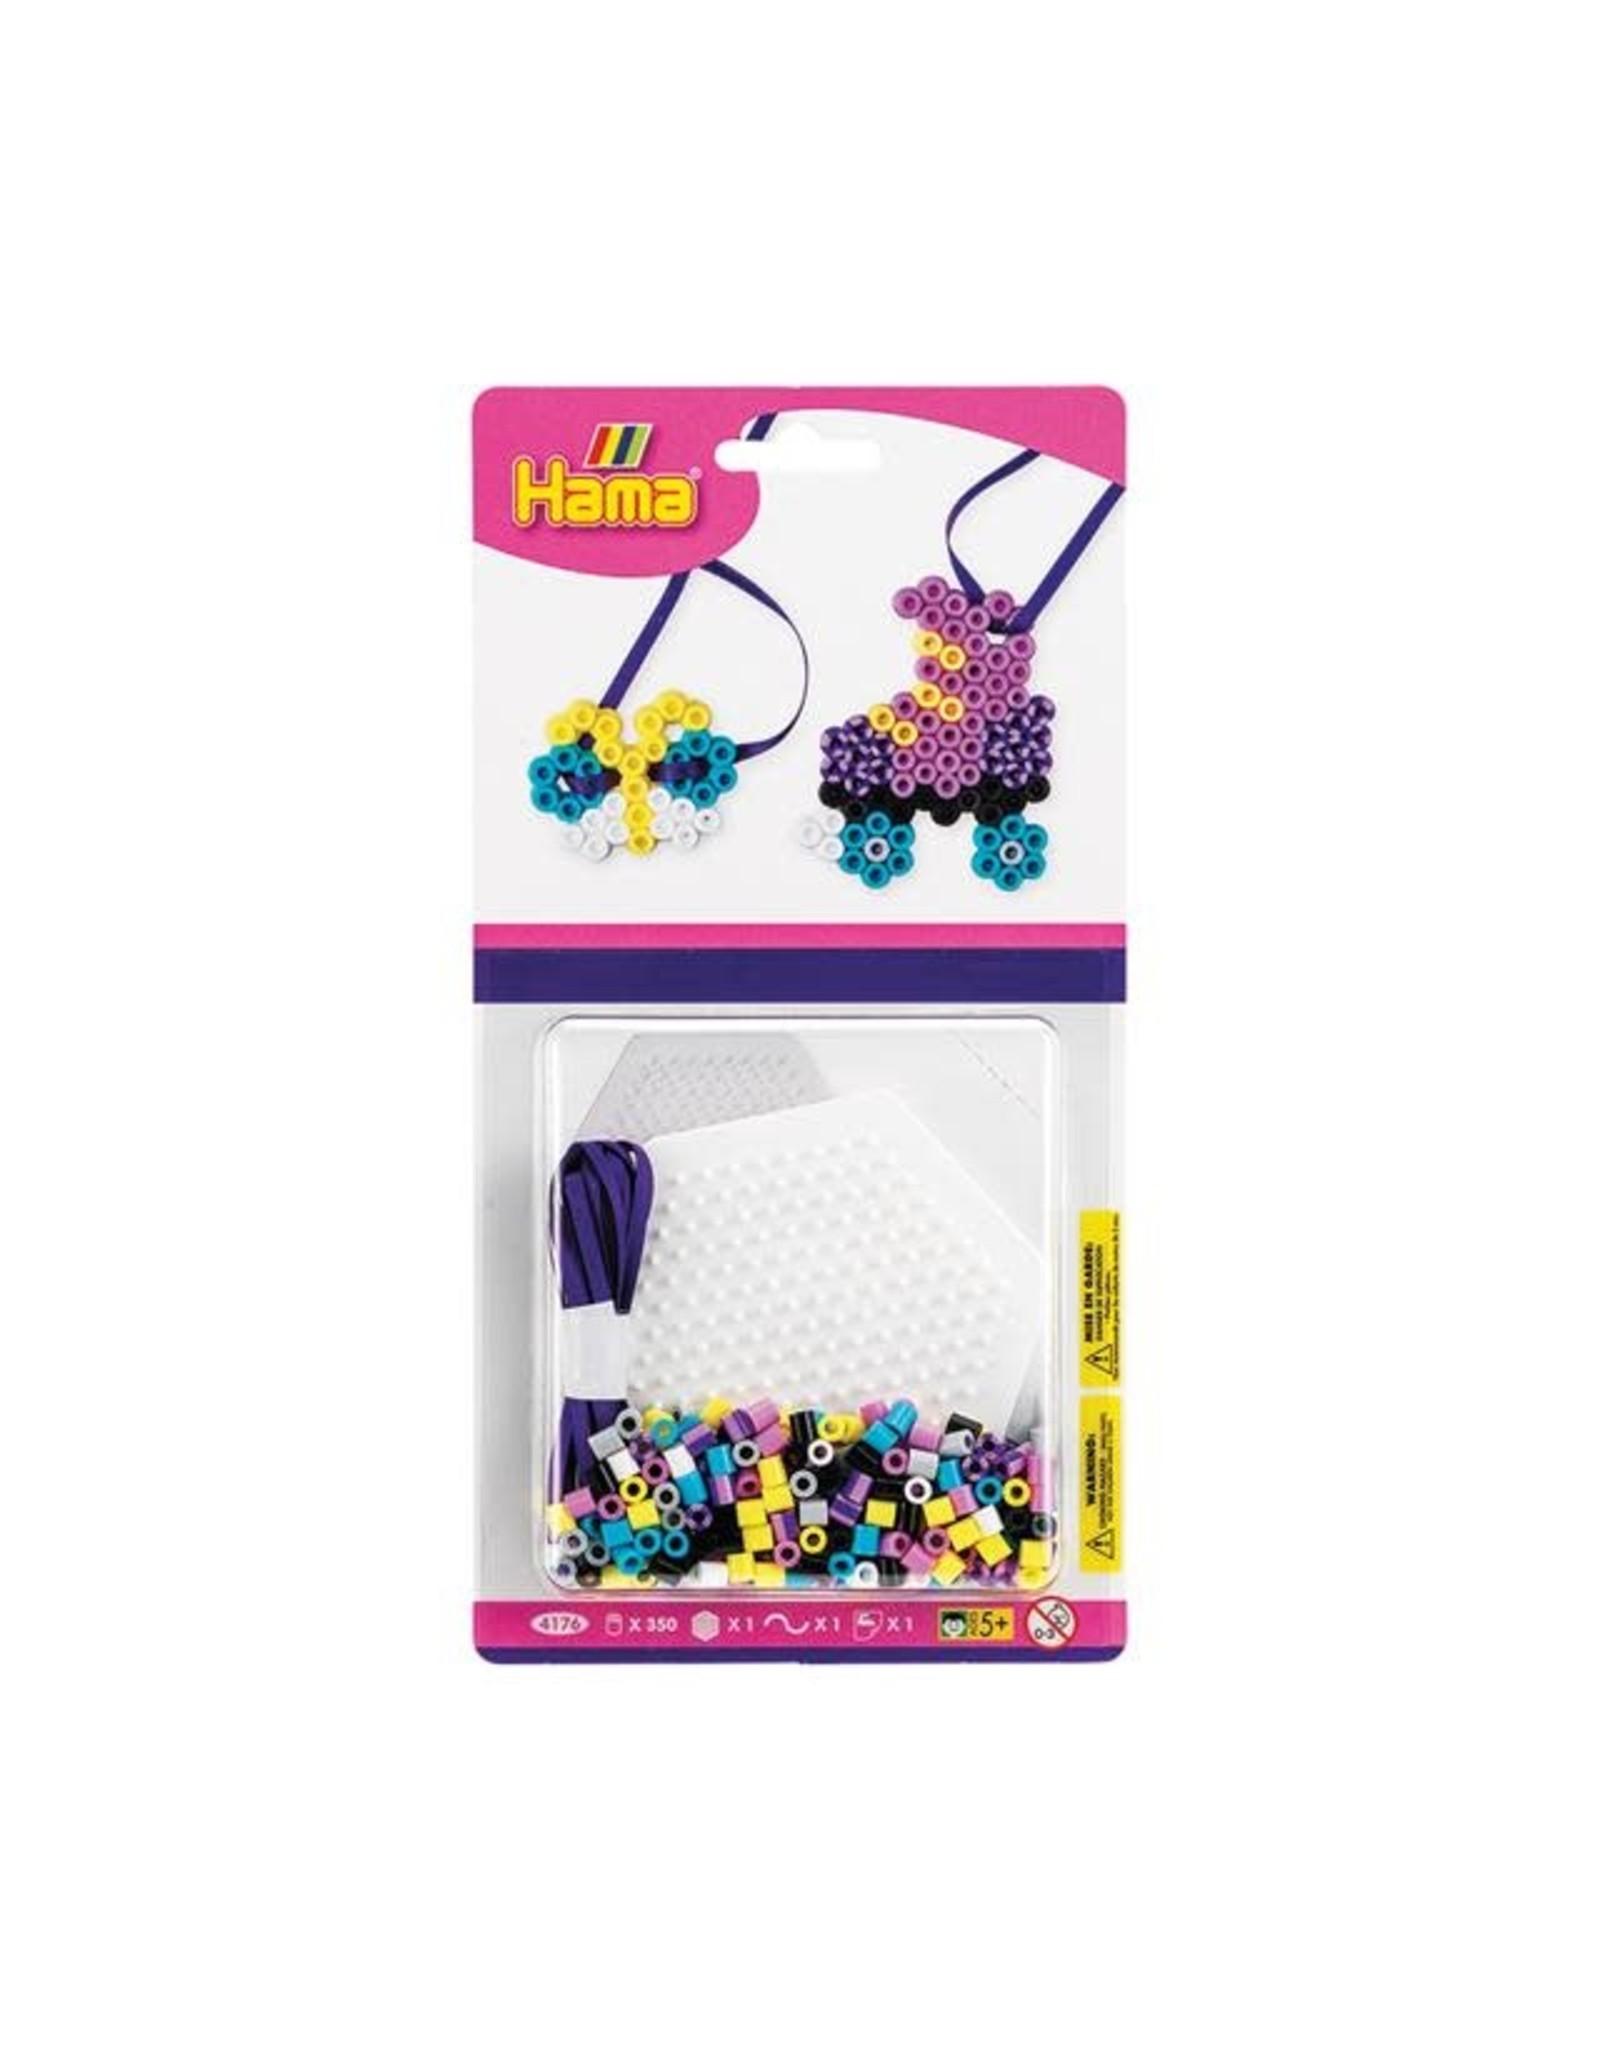 Hama Hama Small Bead Kit - Pink